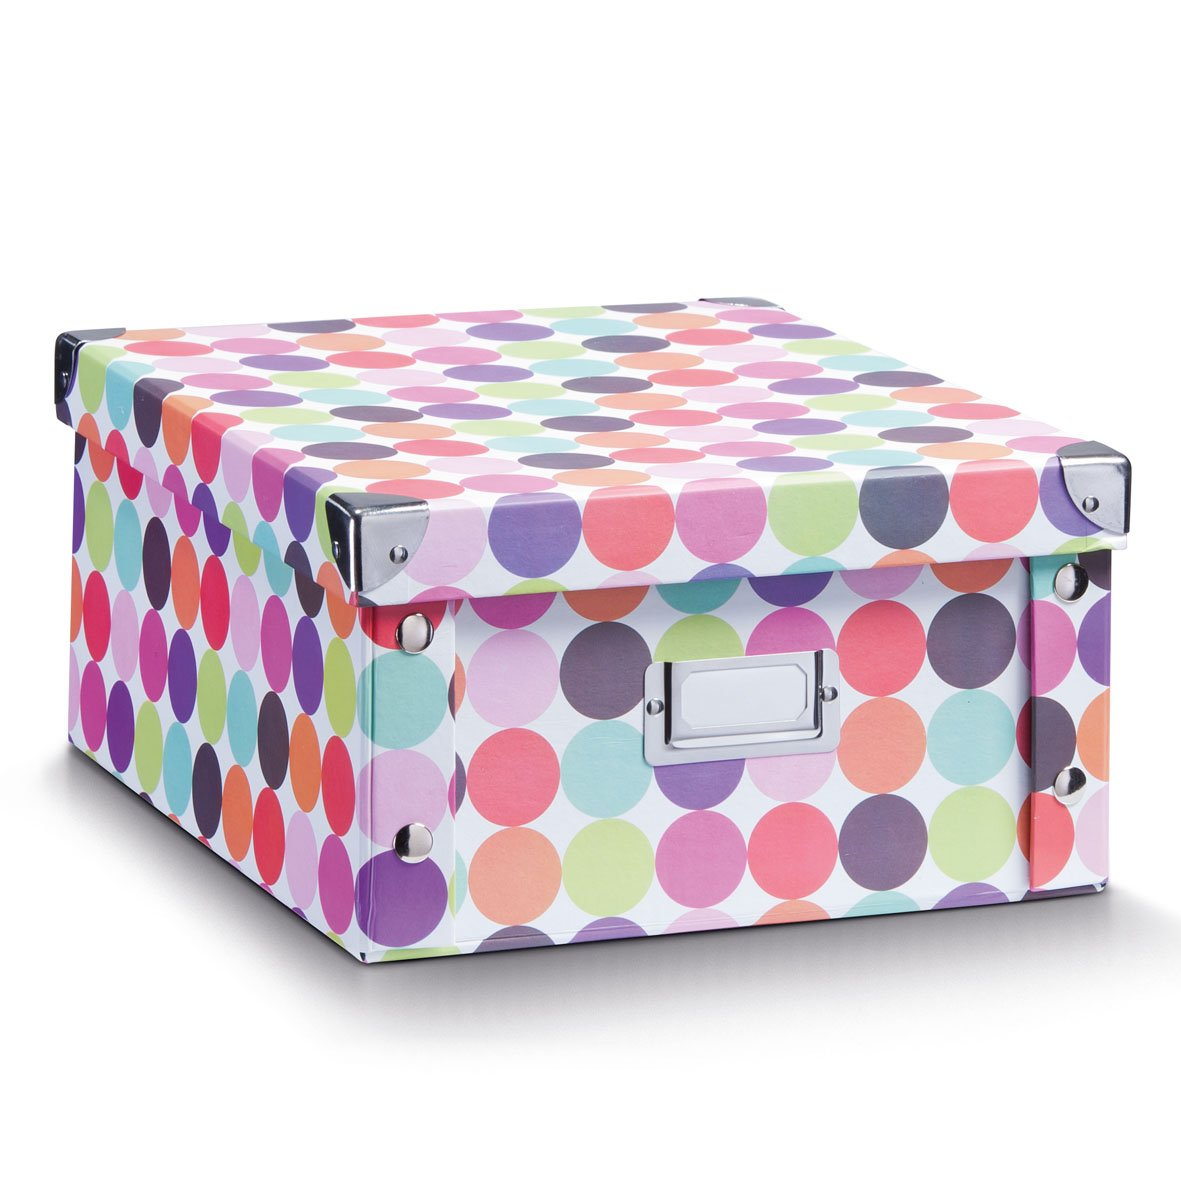 Zeller 17892 Dots - Caja de cartón para almacenaje (31 x 26 x 14 cm), diseño de lunares grandes   Más información y revisión del cliente